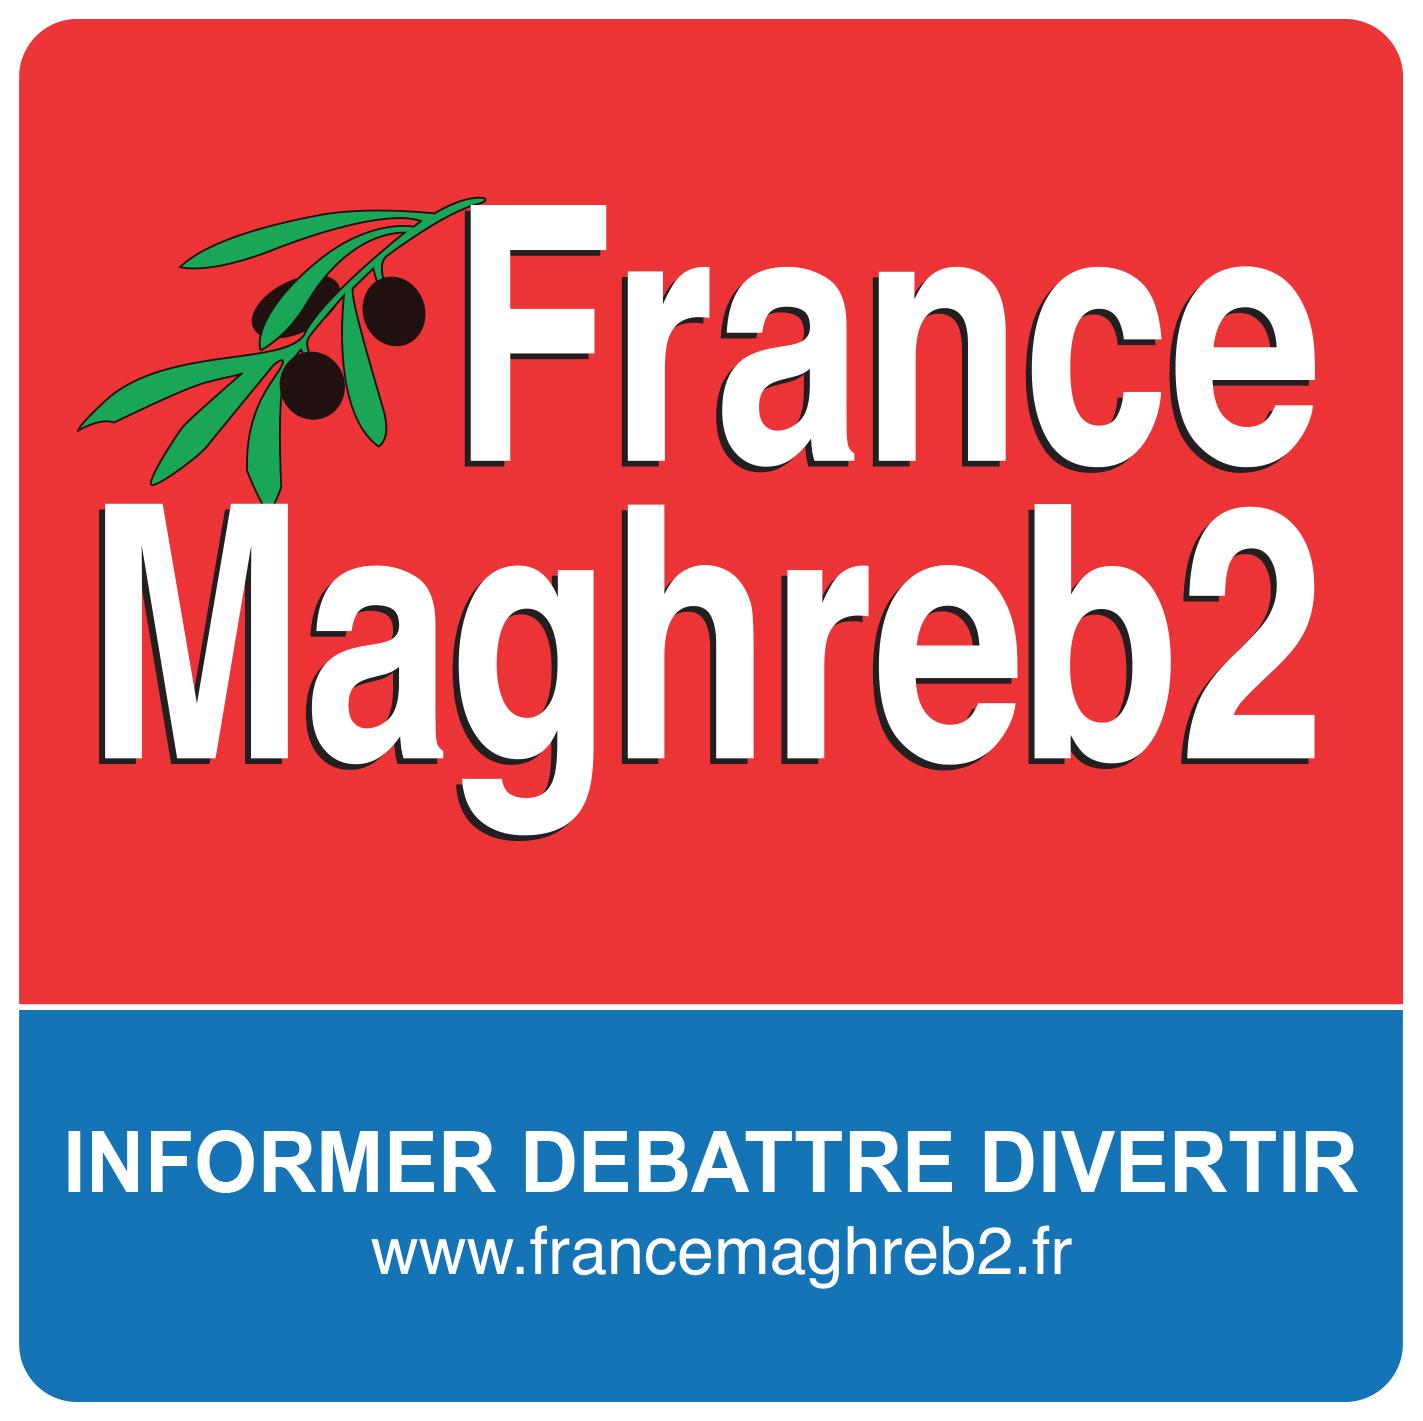 Un nouveau logo pour France Maghreb 2